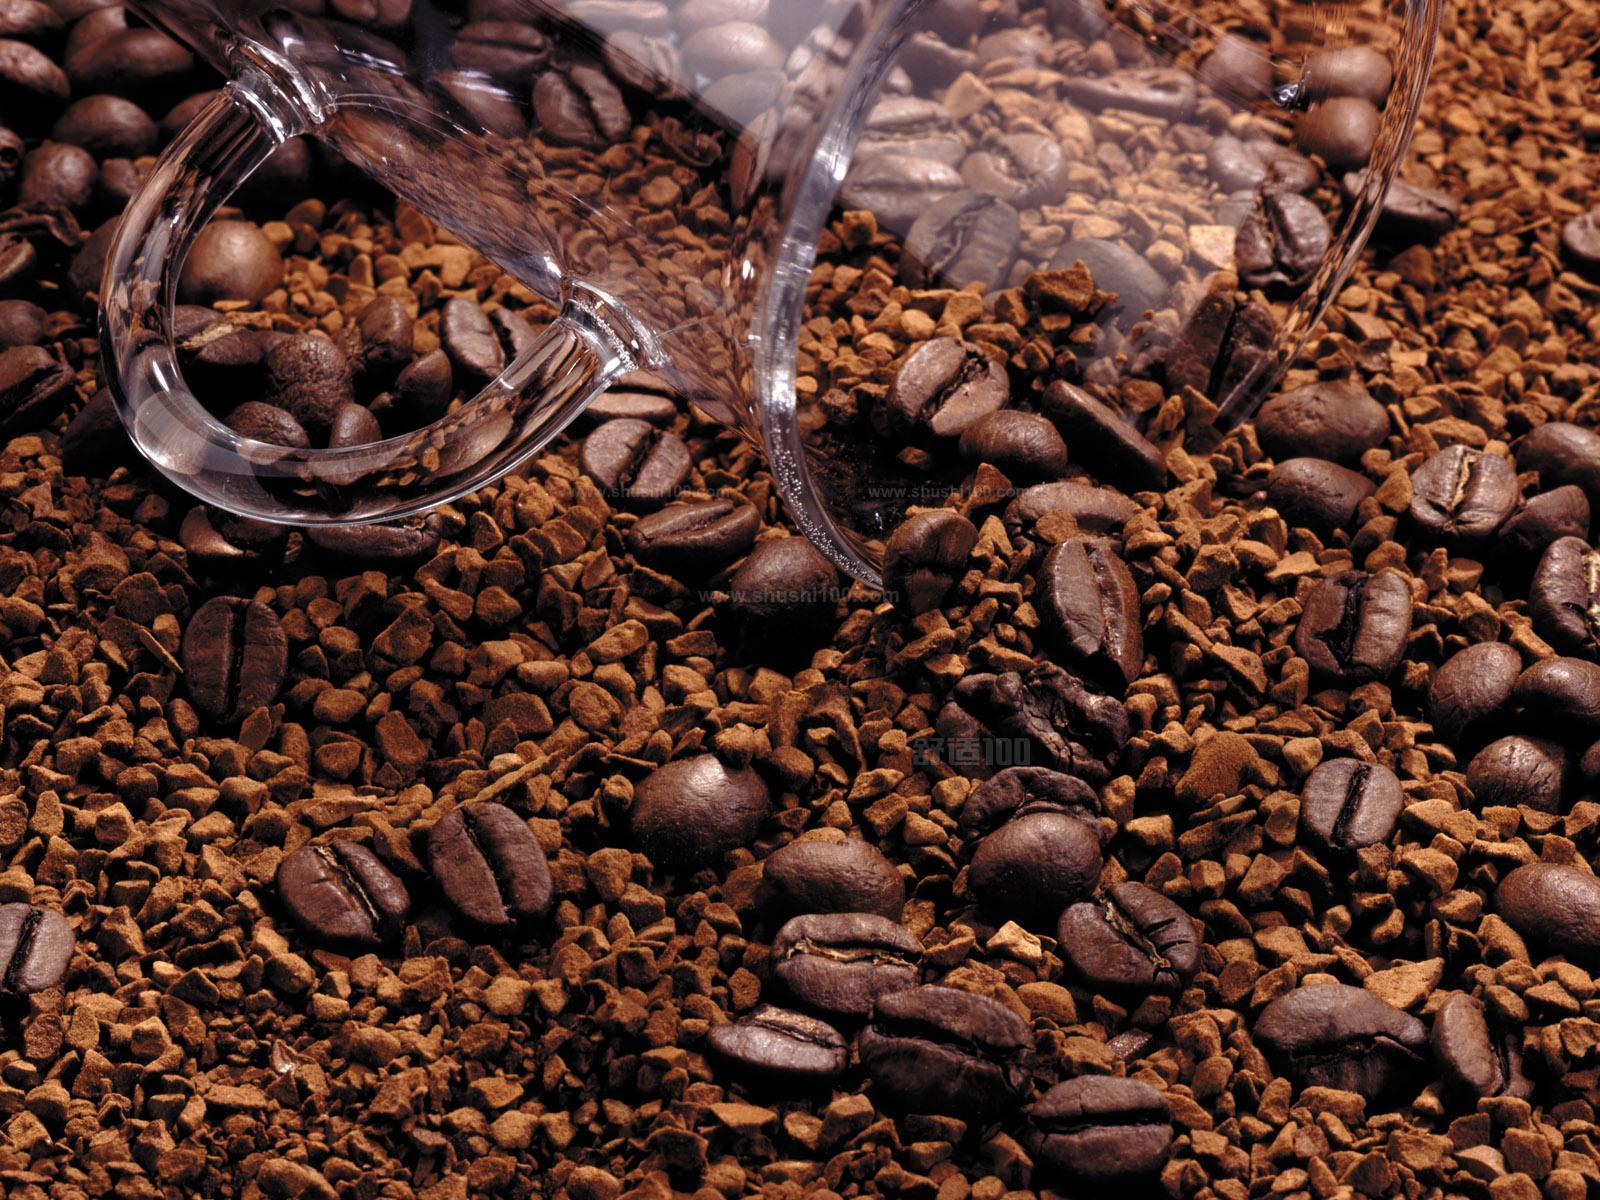 咖啡粉品牌—咖啡粉优质品牌推荐